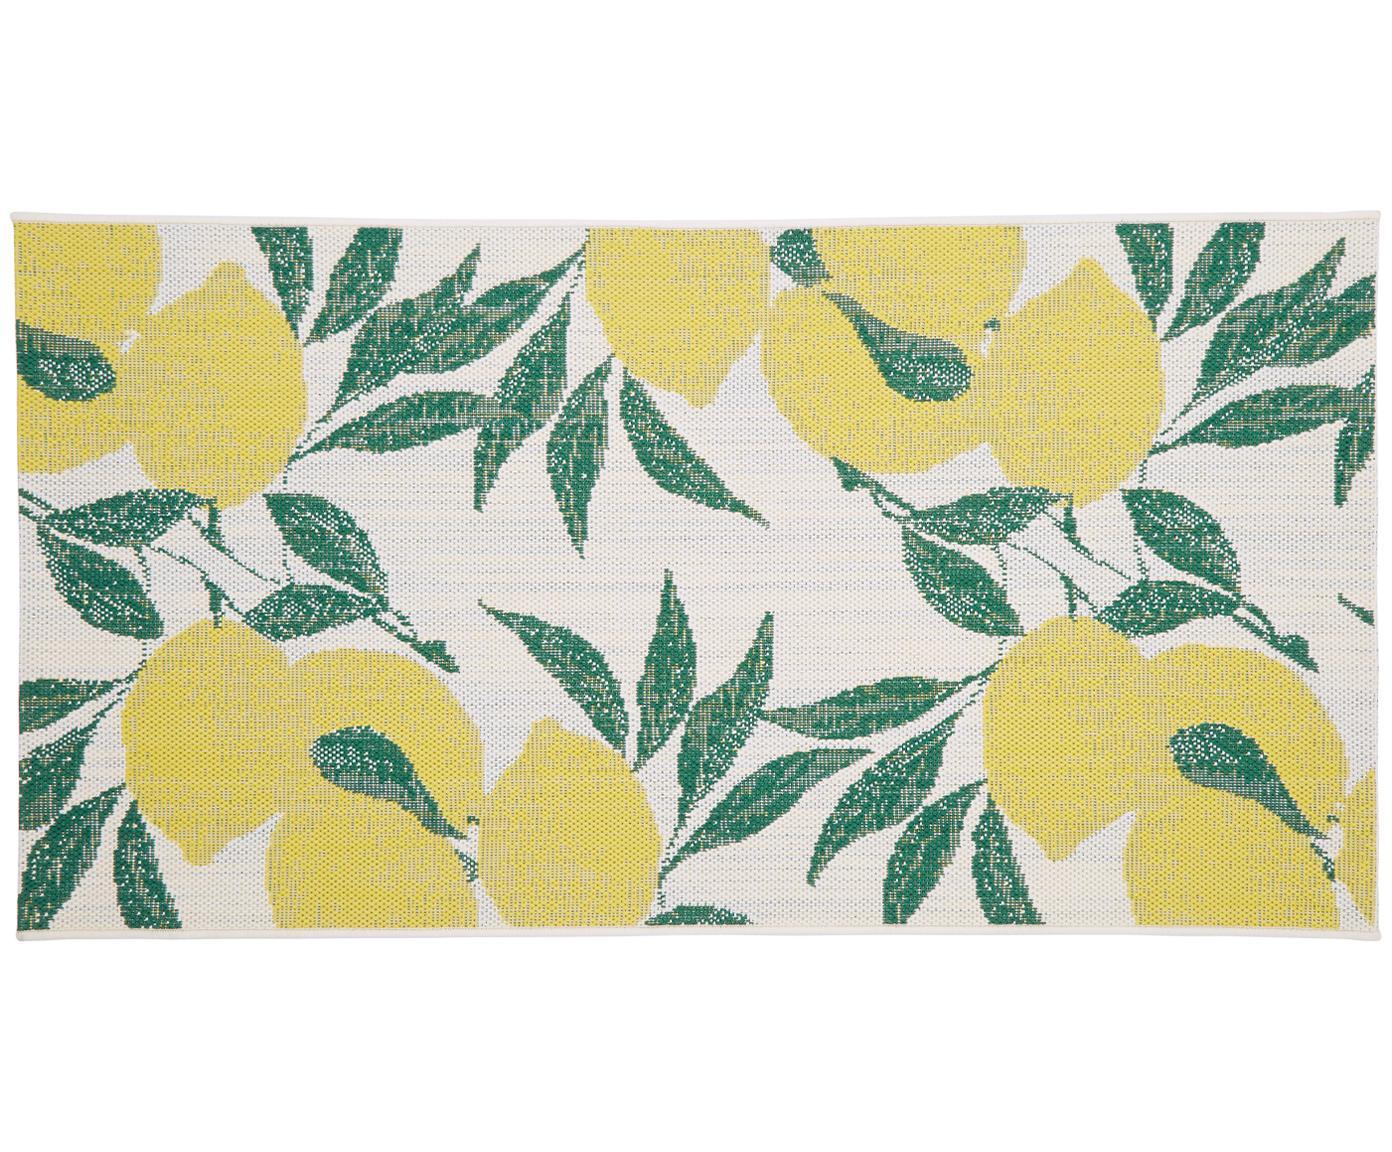 Tappeto da interno-esterno Limonia, Retro: poliestere, Bianco crema, giallo, verde, Larg. 80 x Lung. 150 cm (taglia XS)